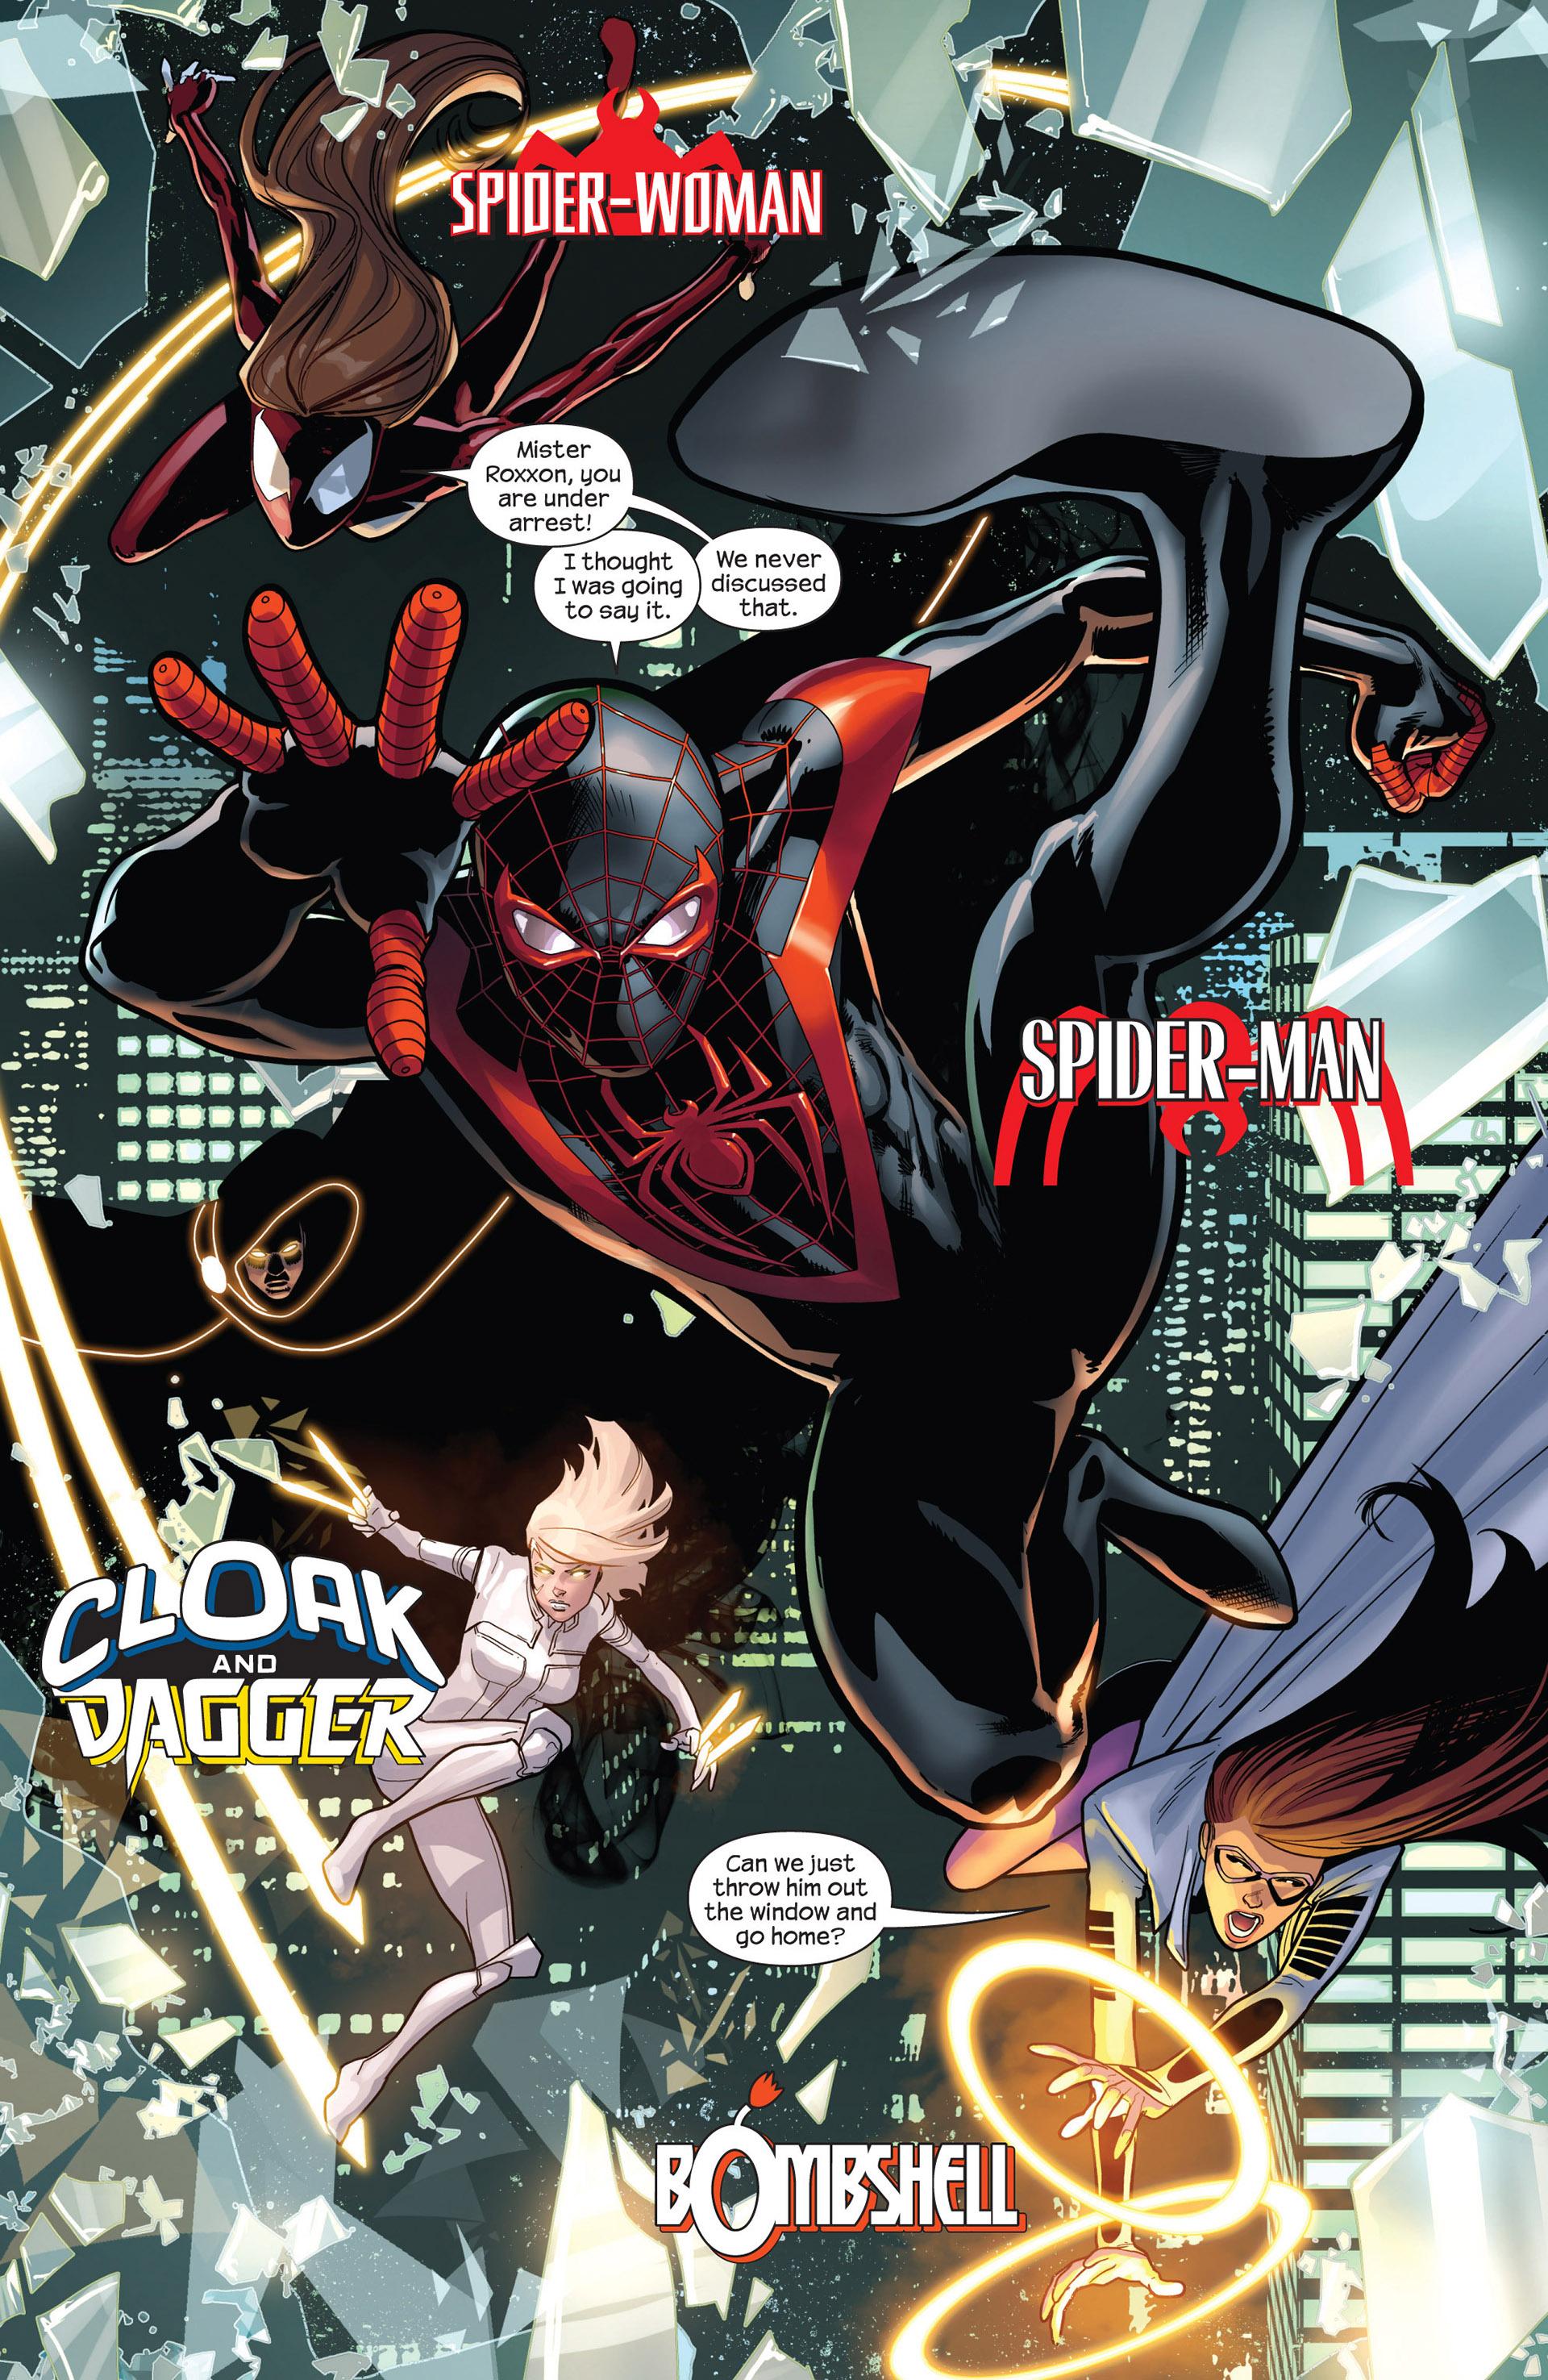 0002 o xaraktiras tou spiderman foto9